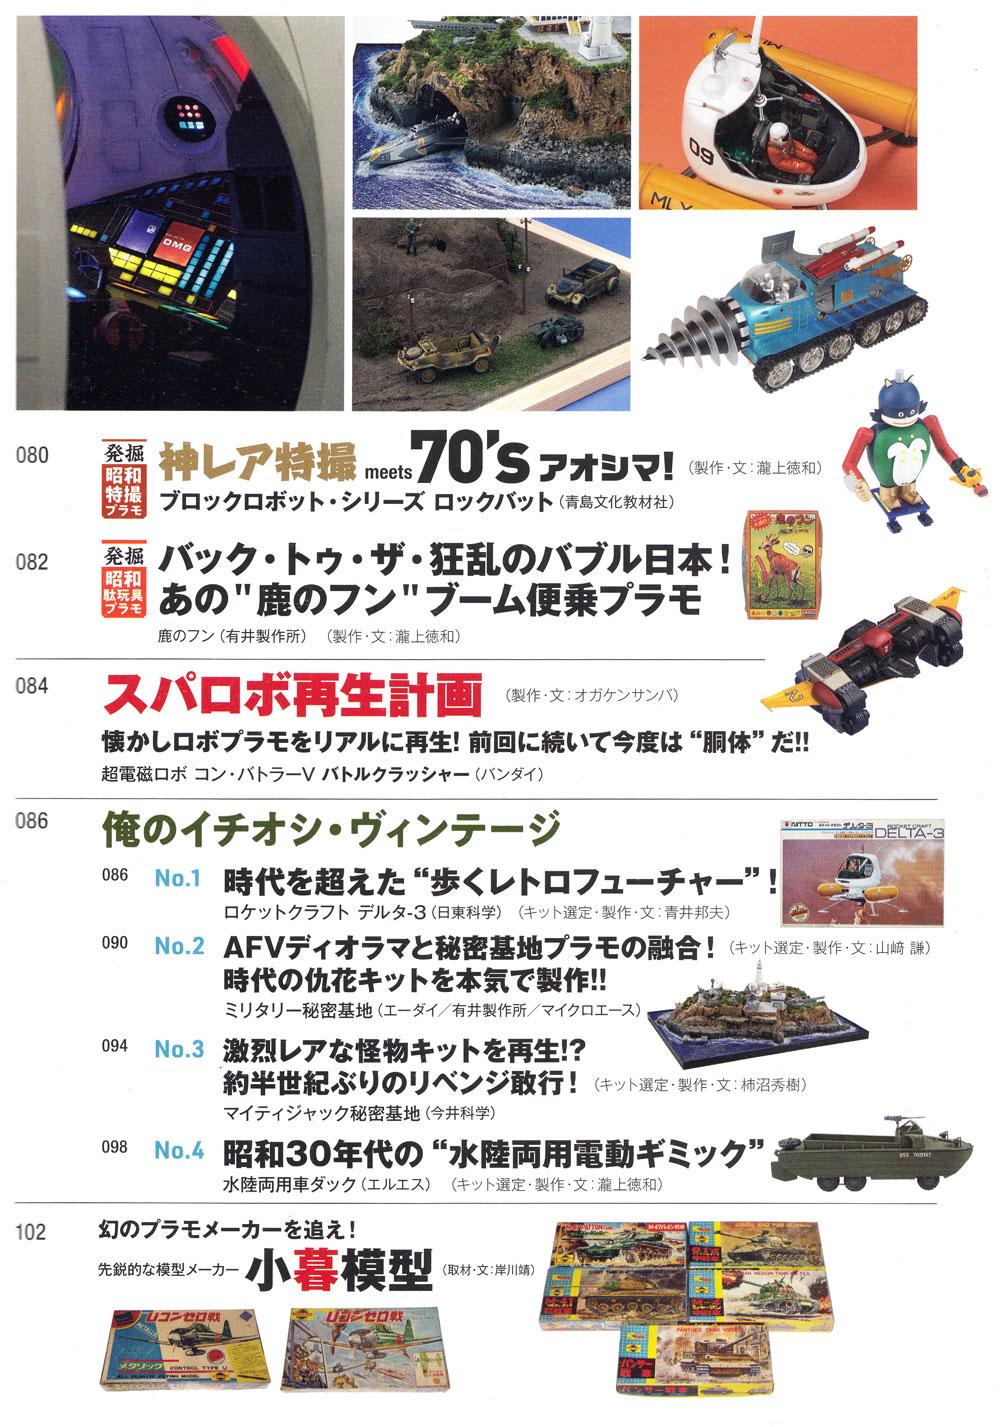 ホビージャパン ヴィンテージ Vol.2本(ホビージャパンHOBBY JAPAN MOOKNo.68150-45)商品画像_3